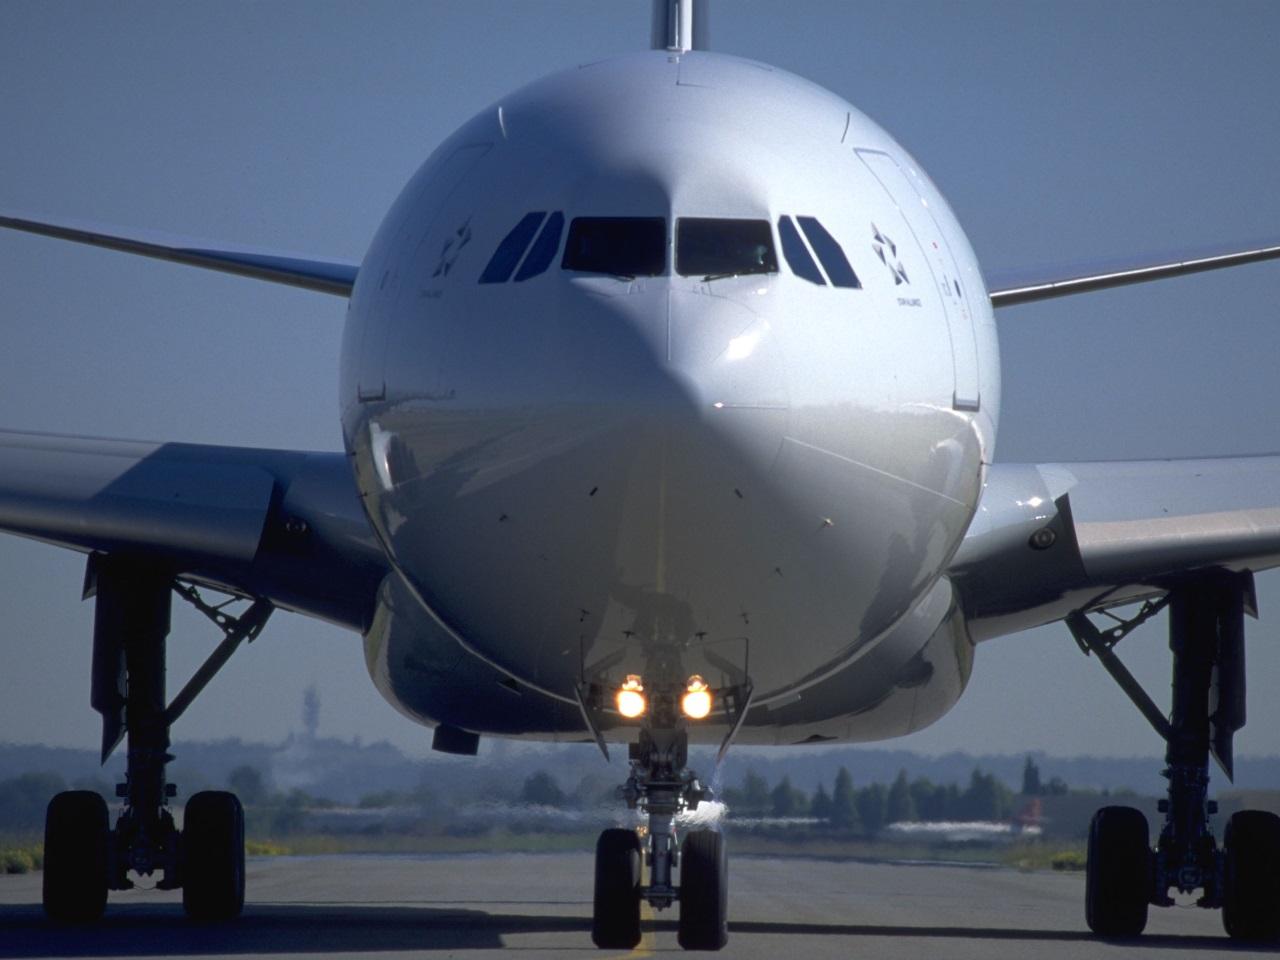 Une fausse compagnie aérienne arnaque les spectateurs d'Hanouna